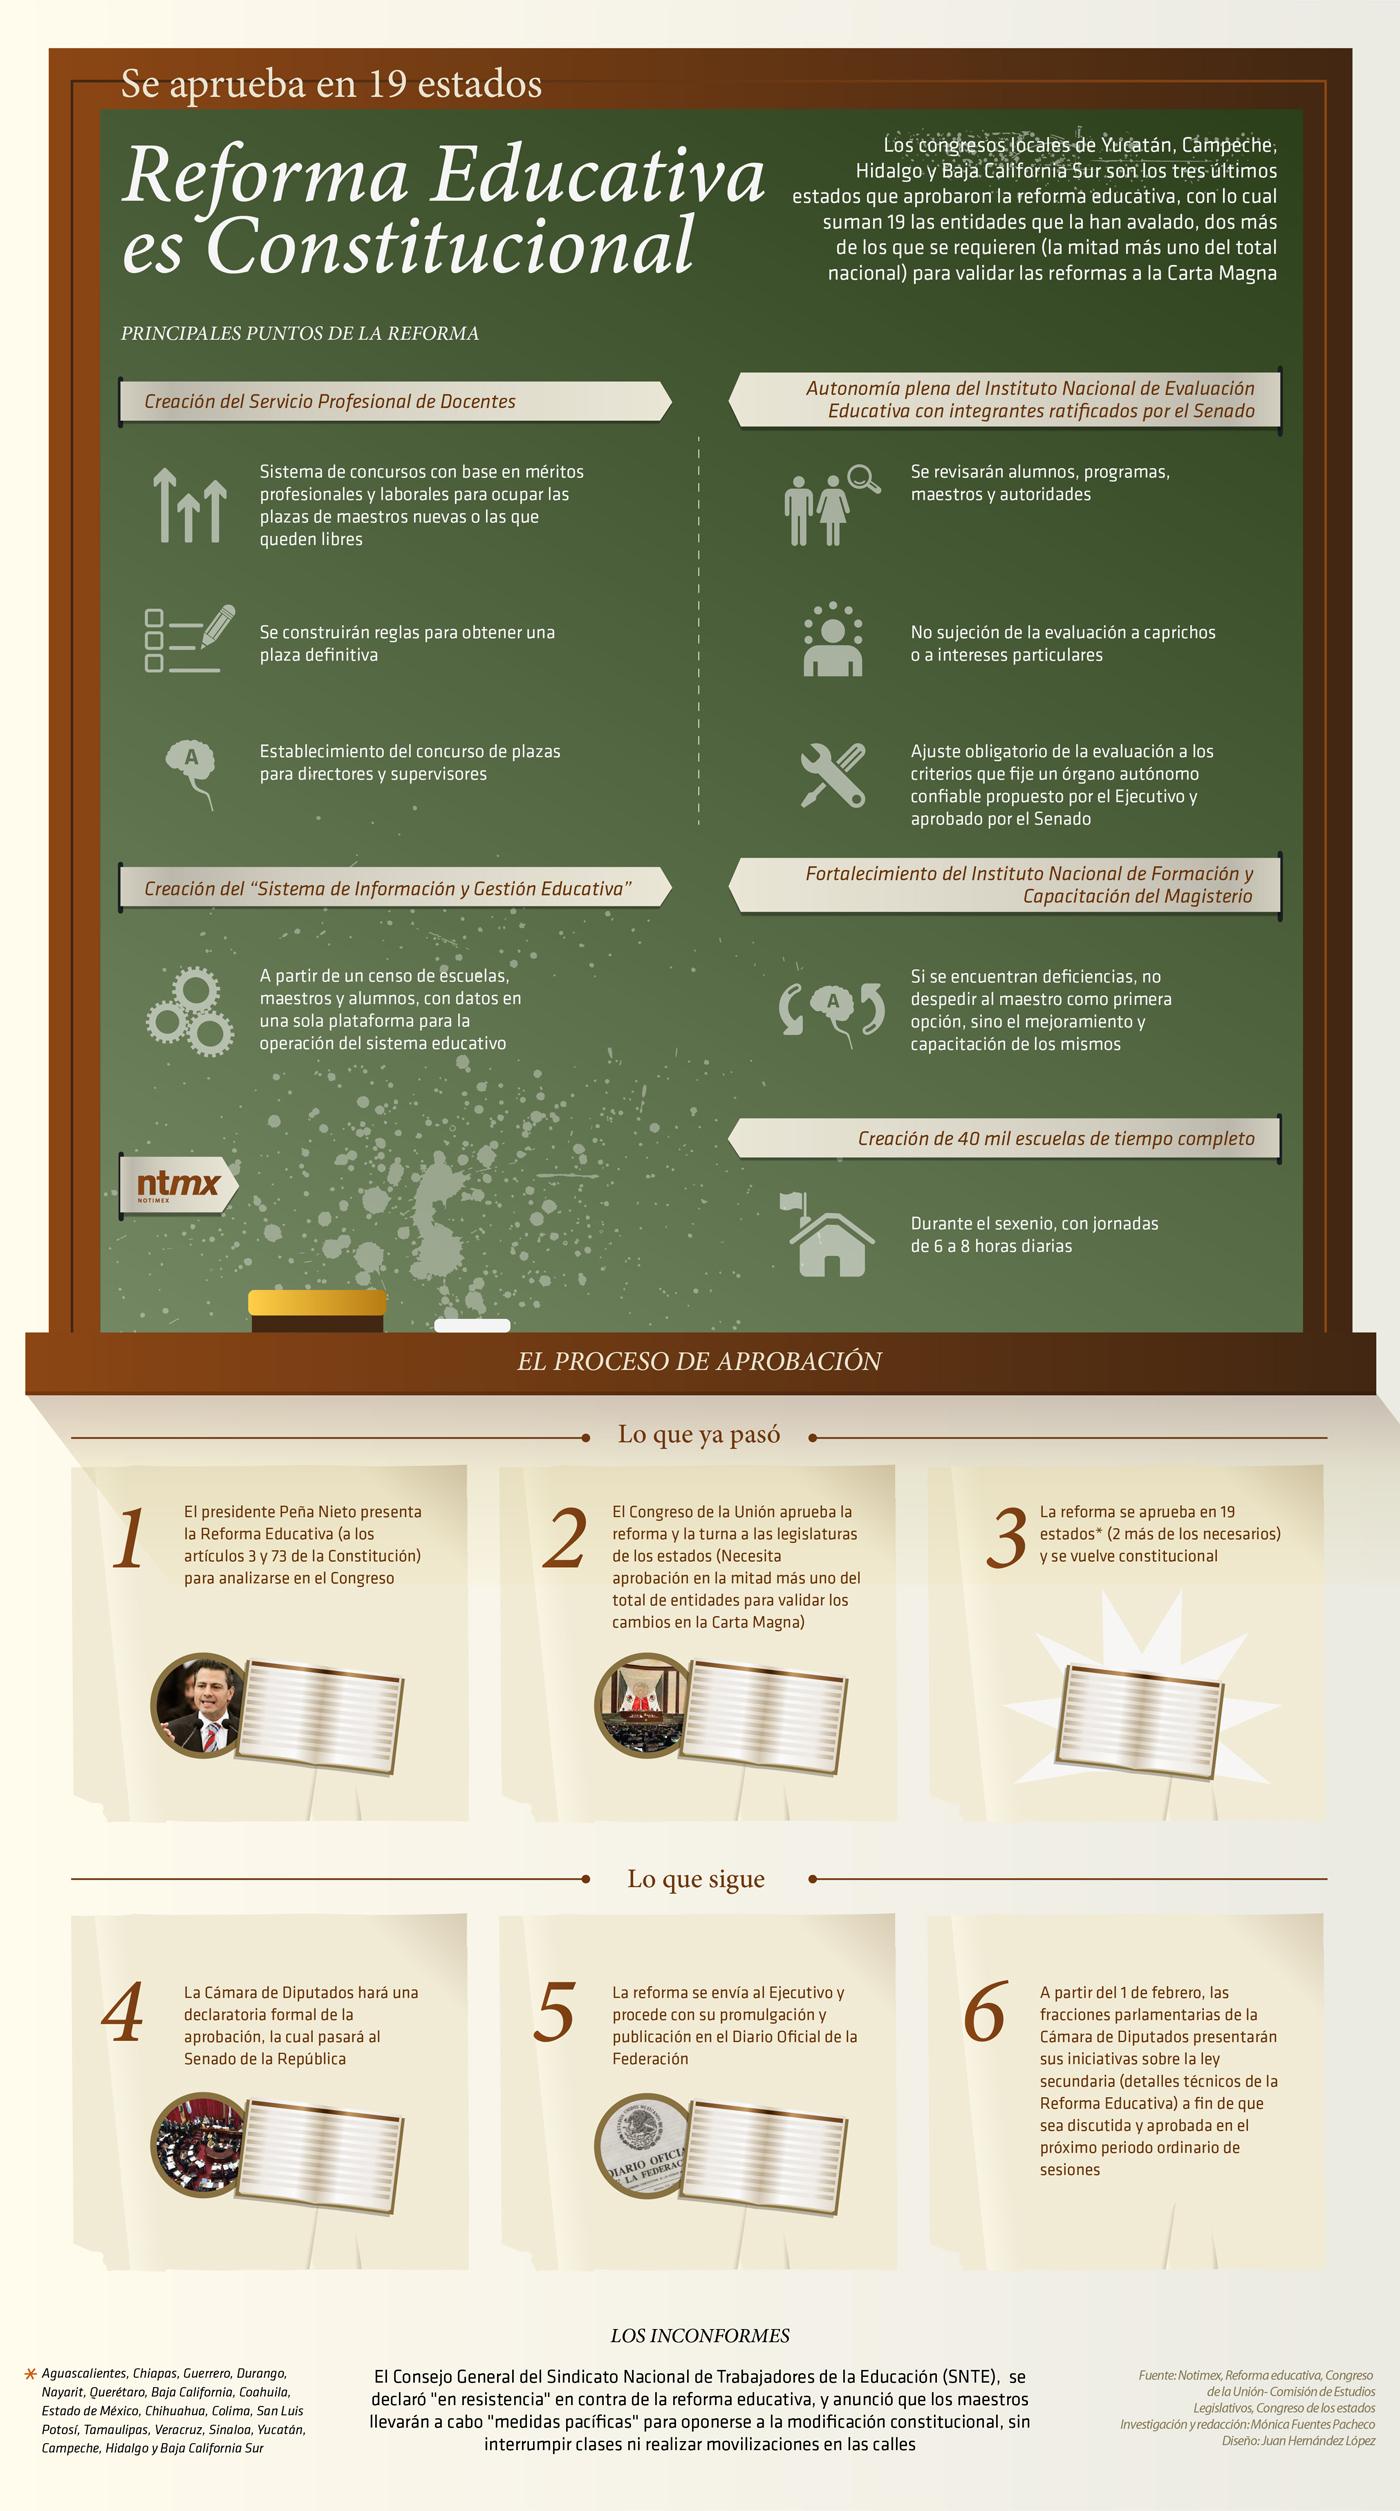 Conoce los principales puntos de la reforma educativa